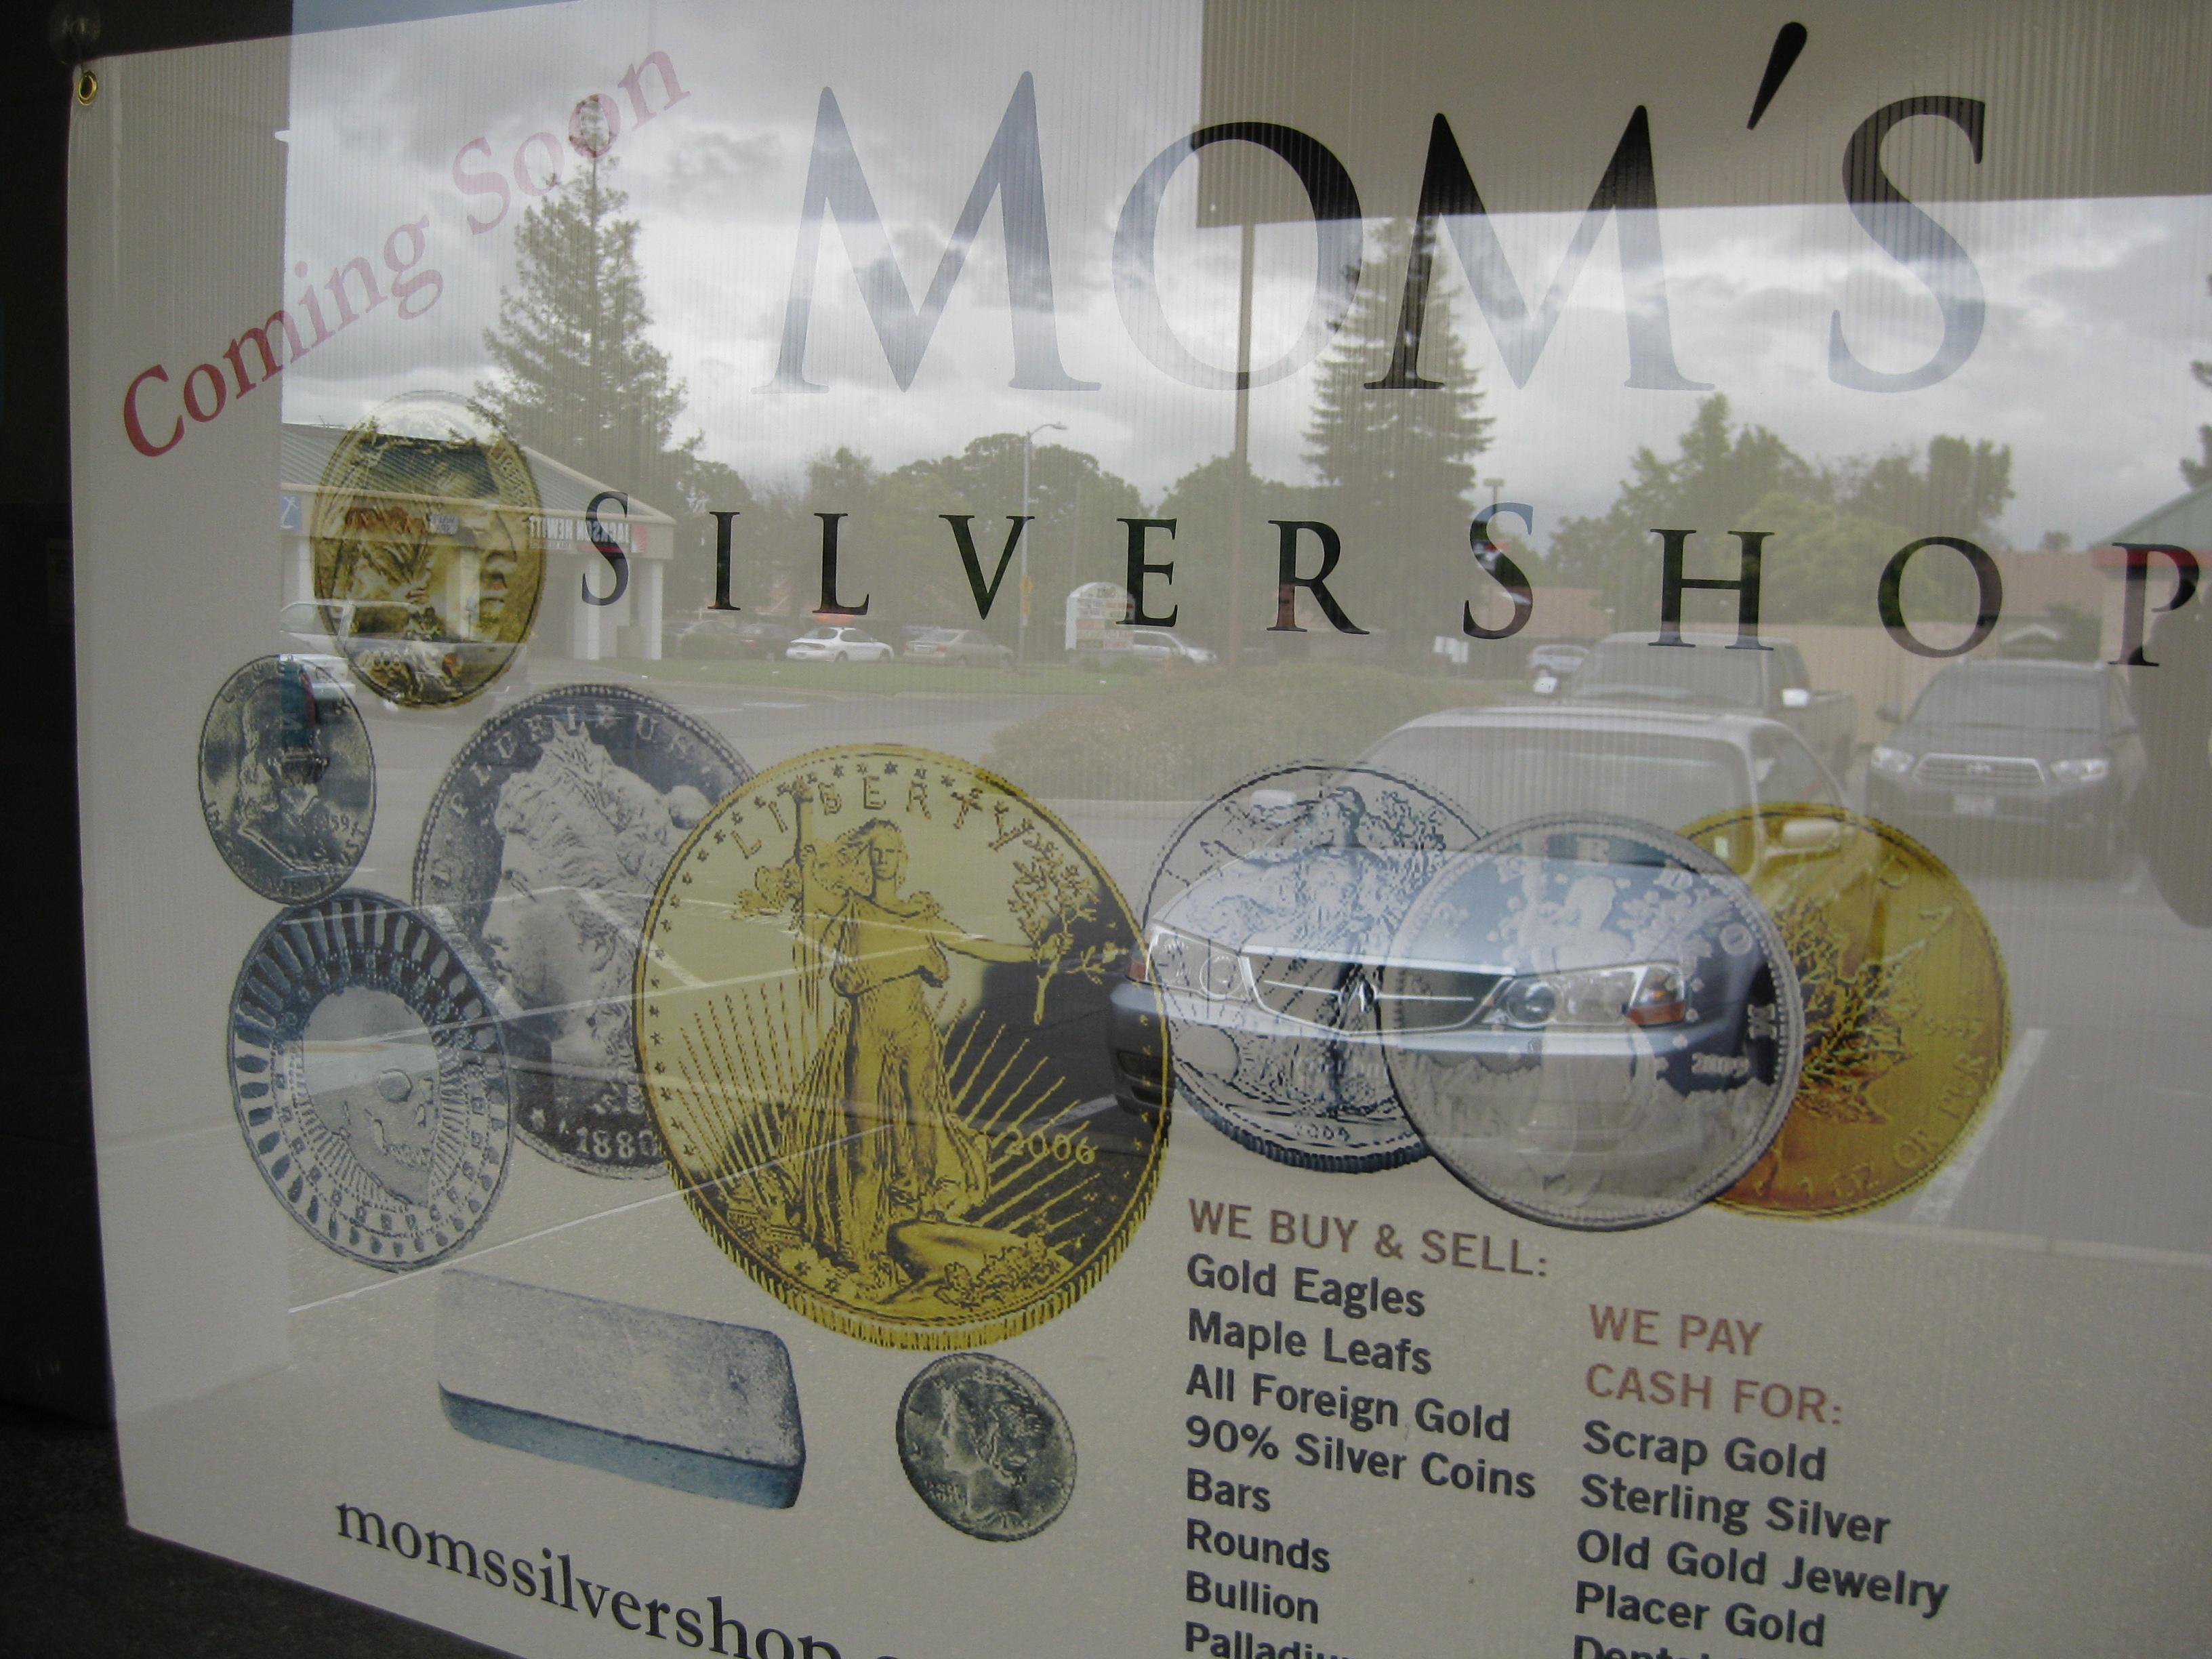 Mom's Silvershop image 1